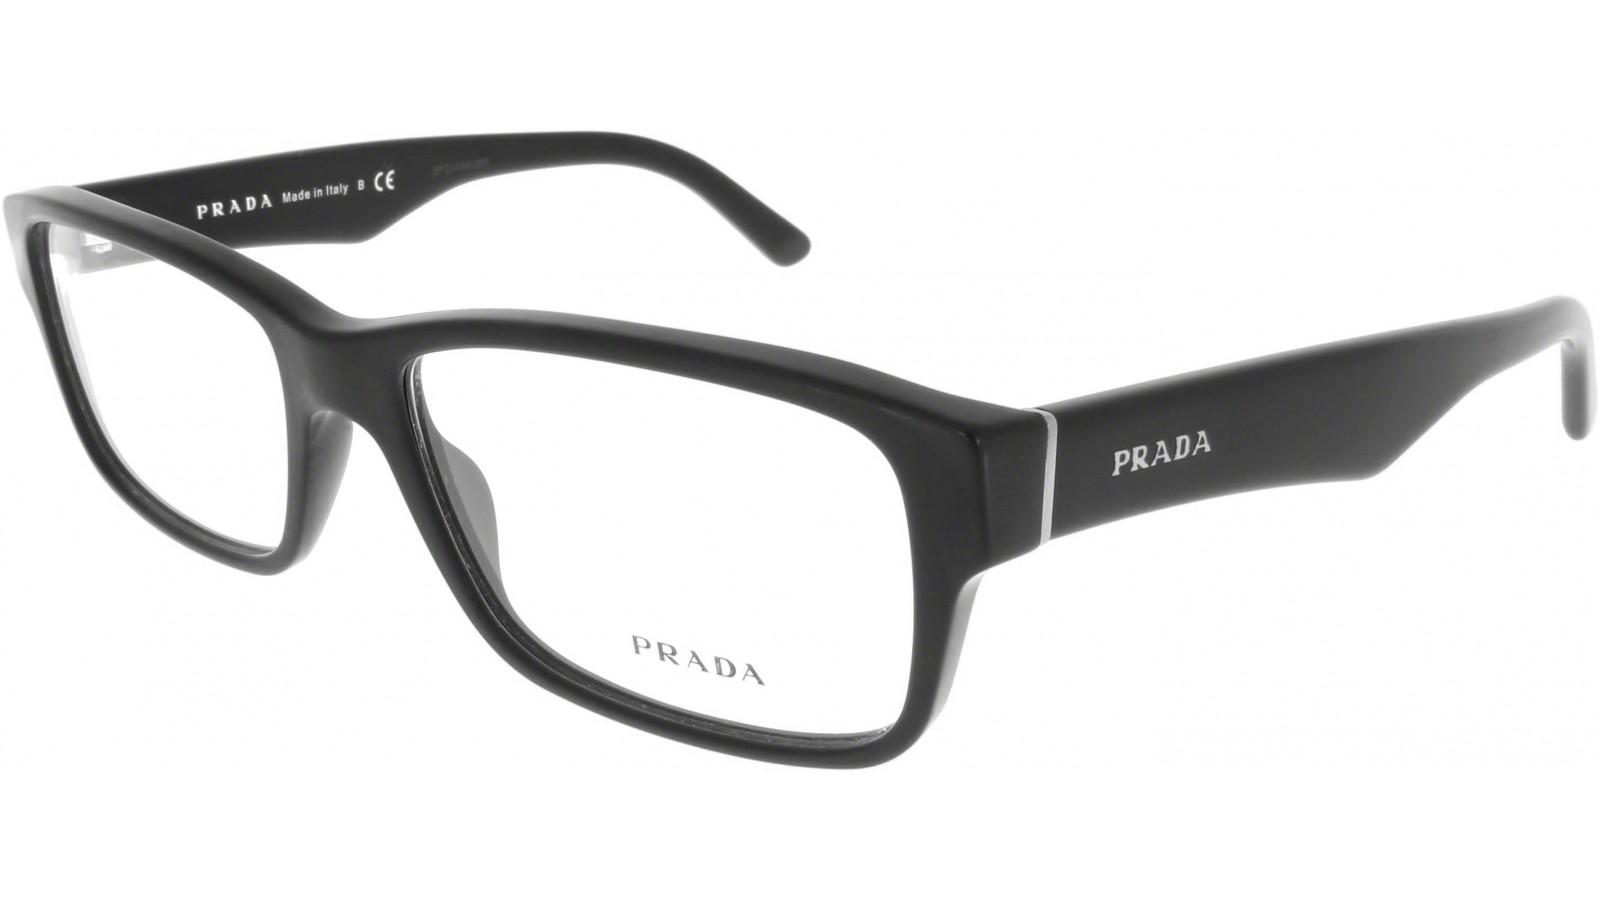 Prada schwarze Unisex Brille PR 16MC 1BO 55